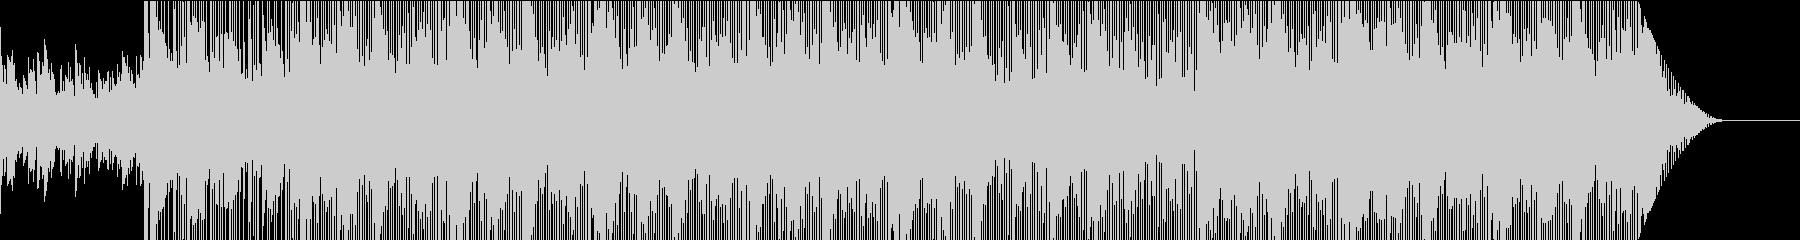 爽やかポップスウクレレ生演奏の未再生の波形